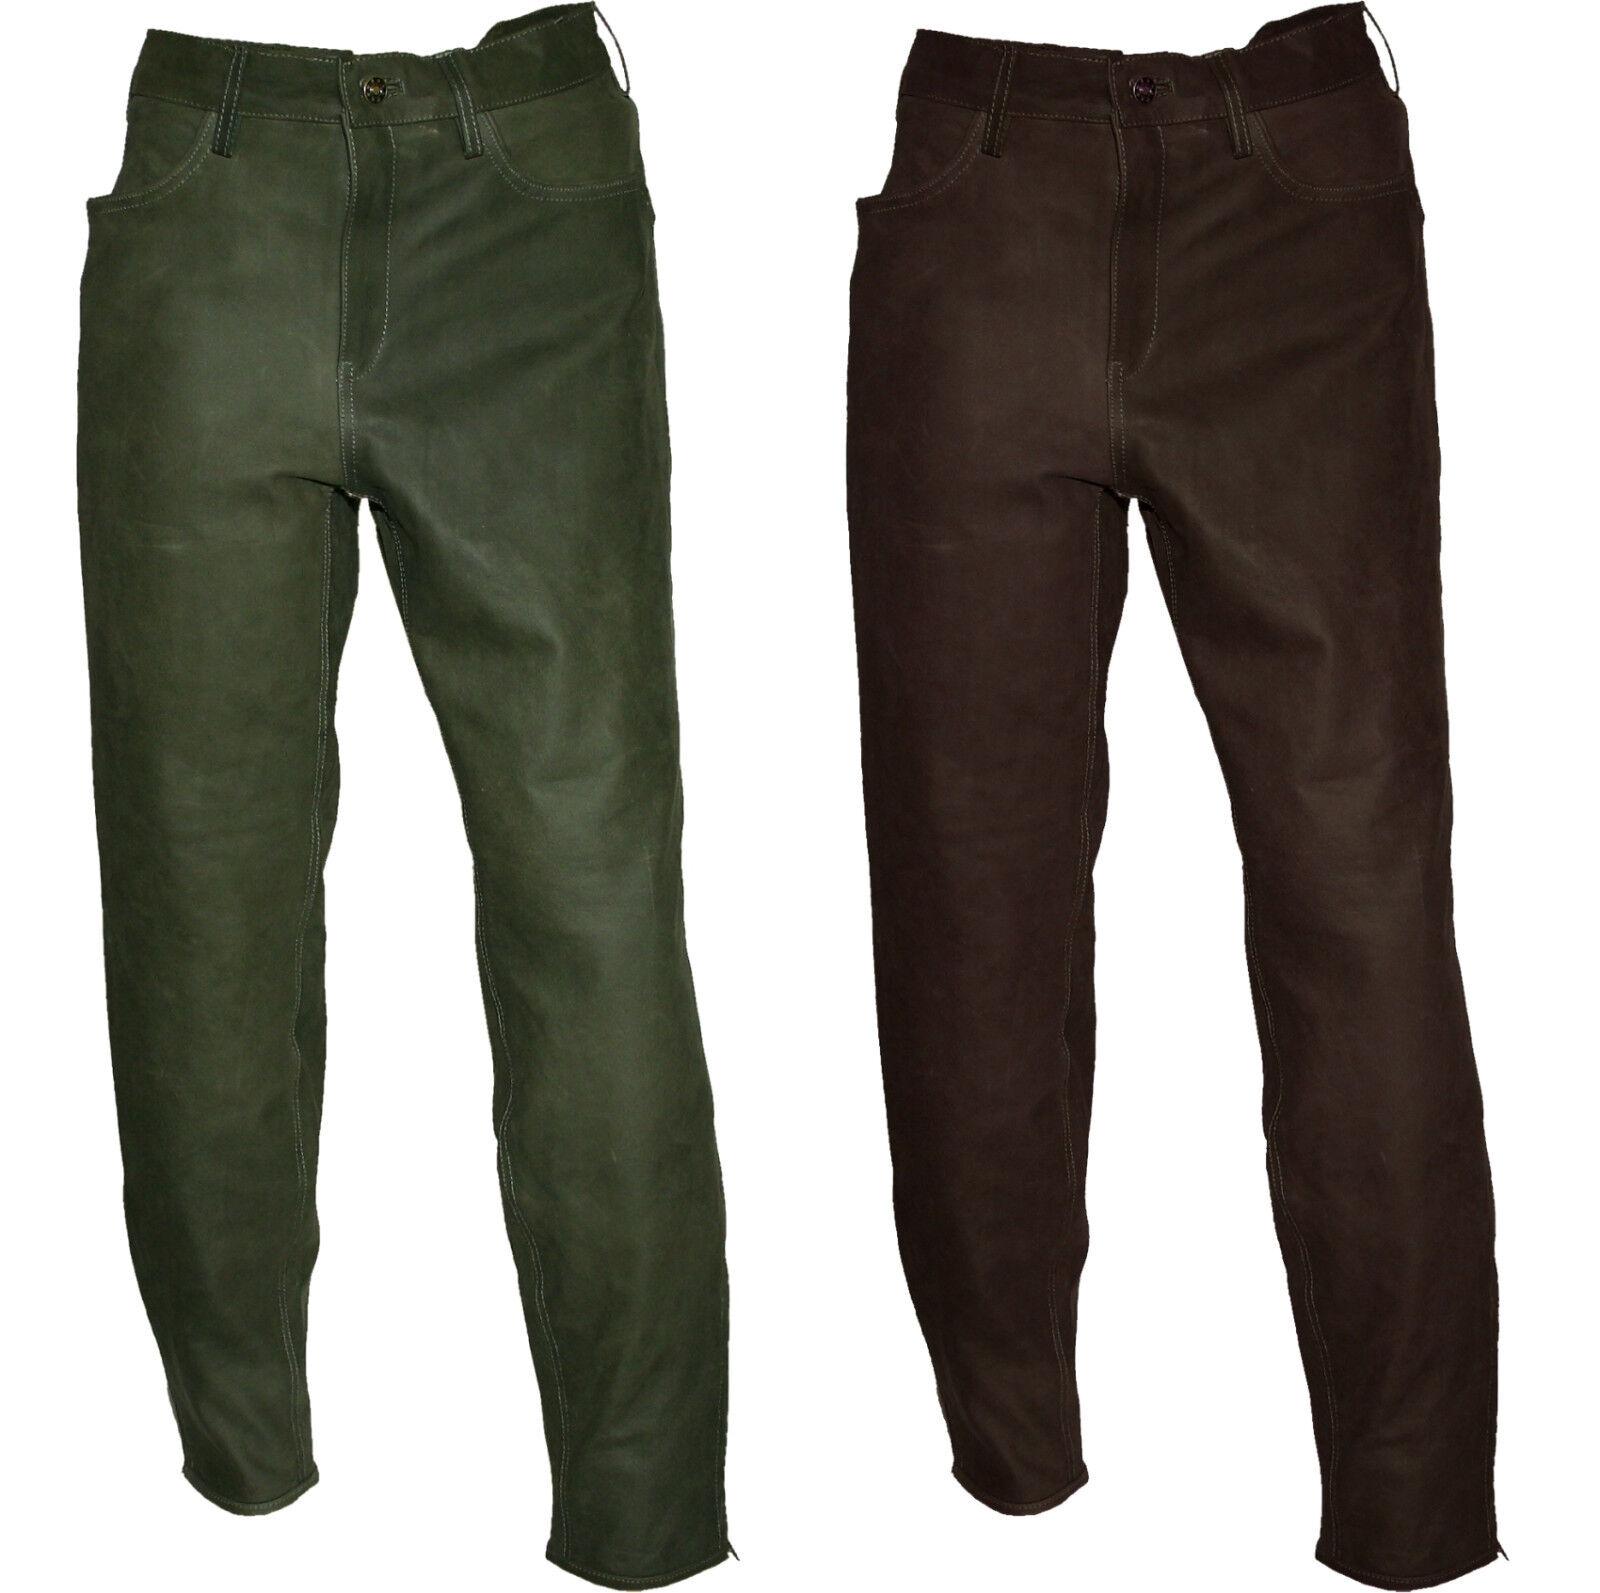 Pantalones botas de cuero pantalones caza  pantalones Al aire librehose botas de cuero pantalones verde oliva + marrón  calidad garantizada